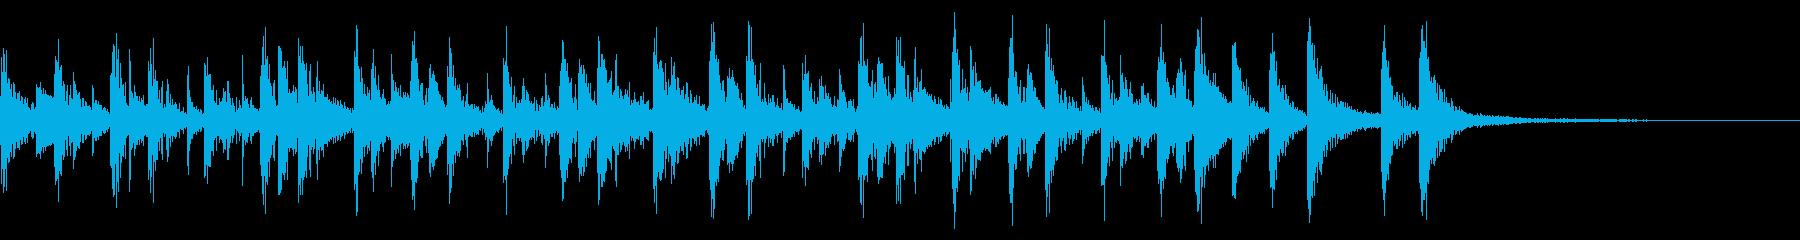 コンサルサ、ファーストテンポ、ピアノなしの再生済みの波形